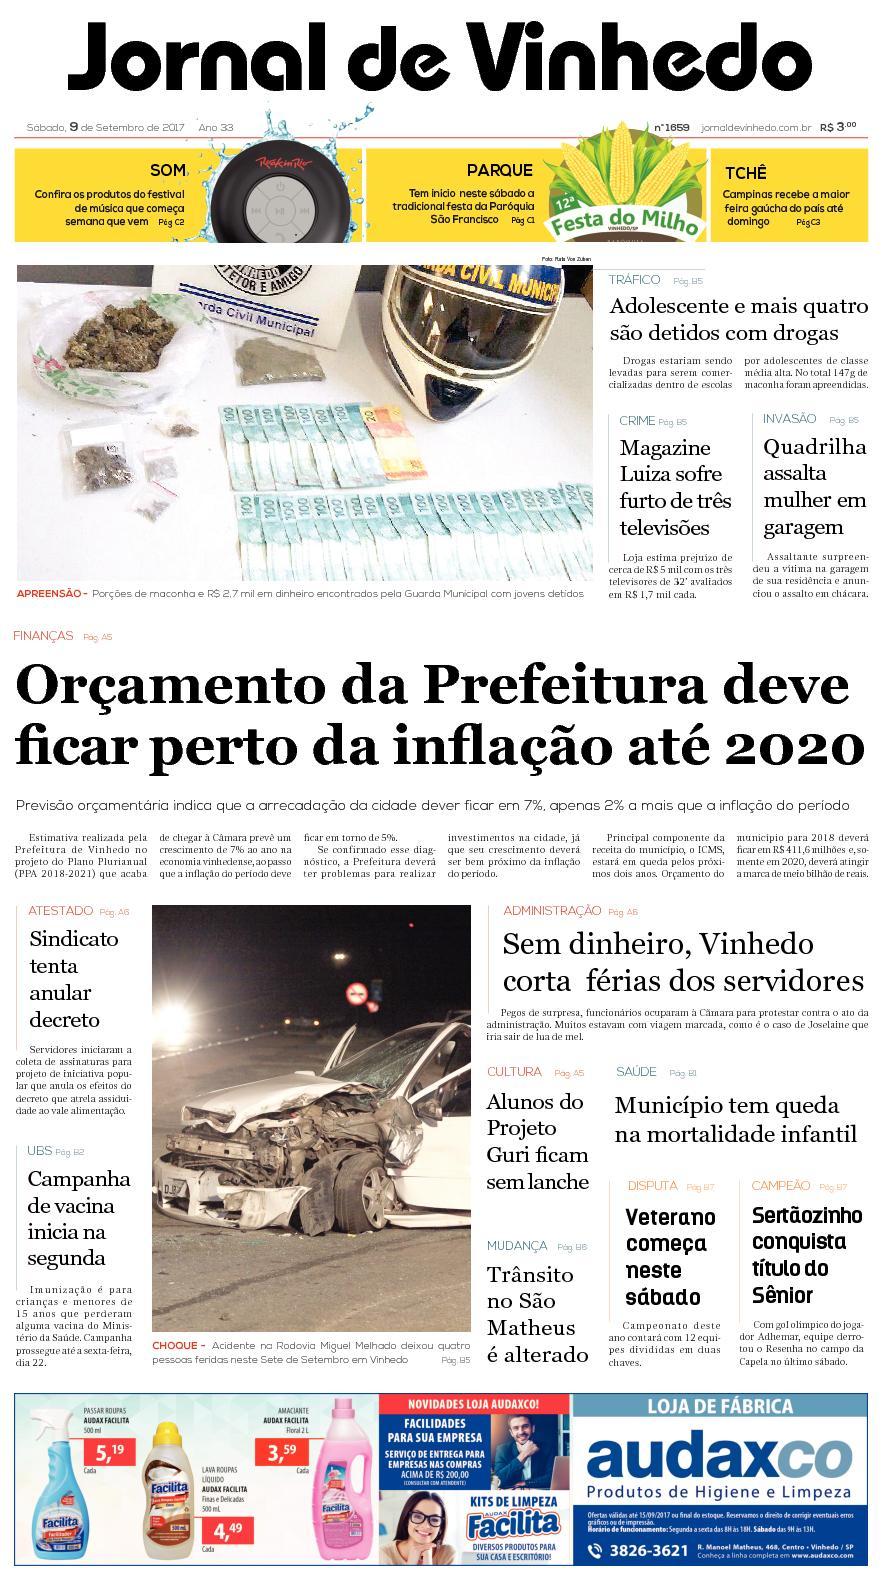 eaa8296e0c Calaméo - Jornal De Vinhedo Sabado 9 De Setembro De 2017 Edic 1659